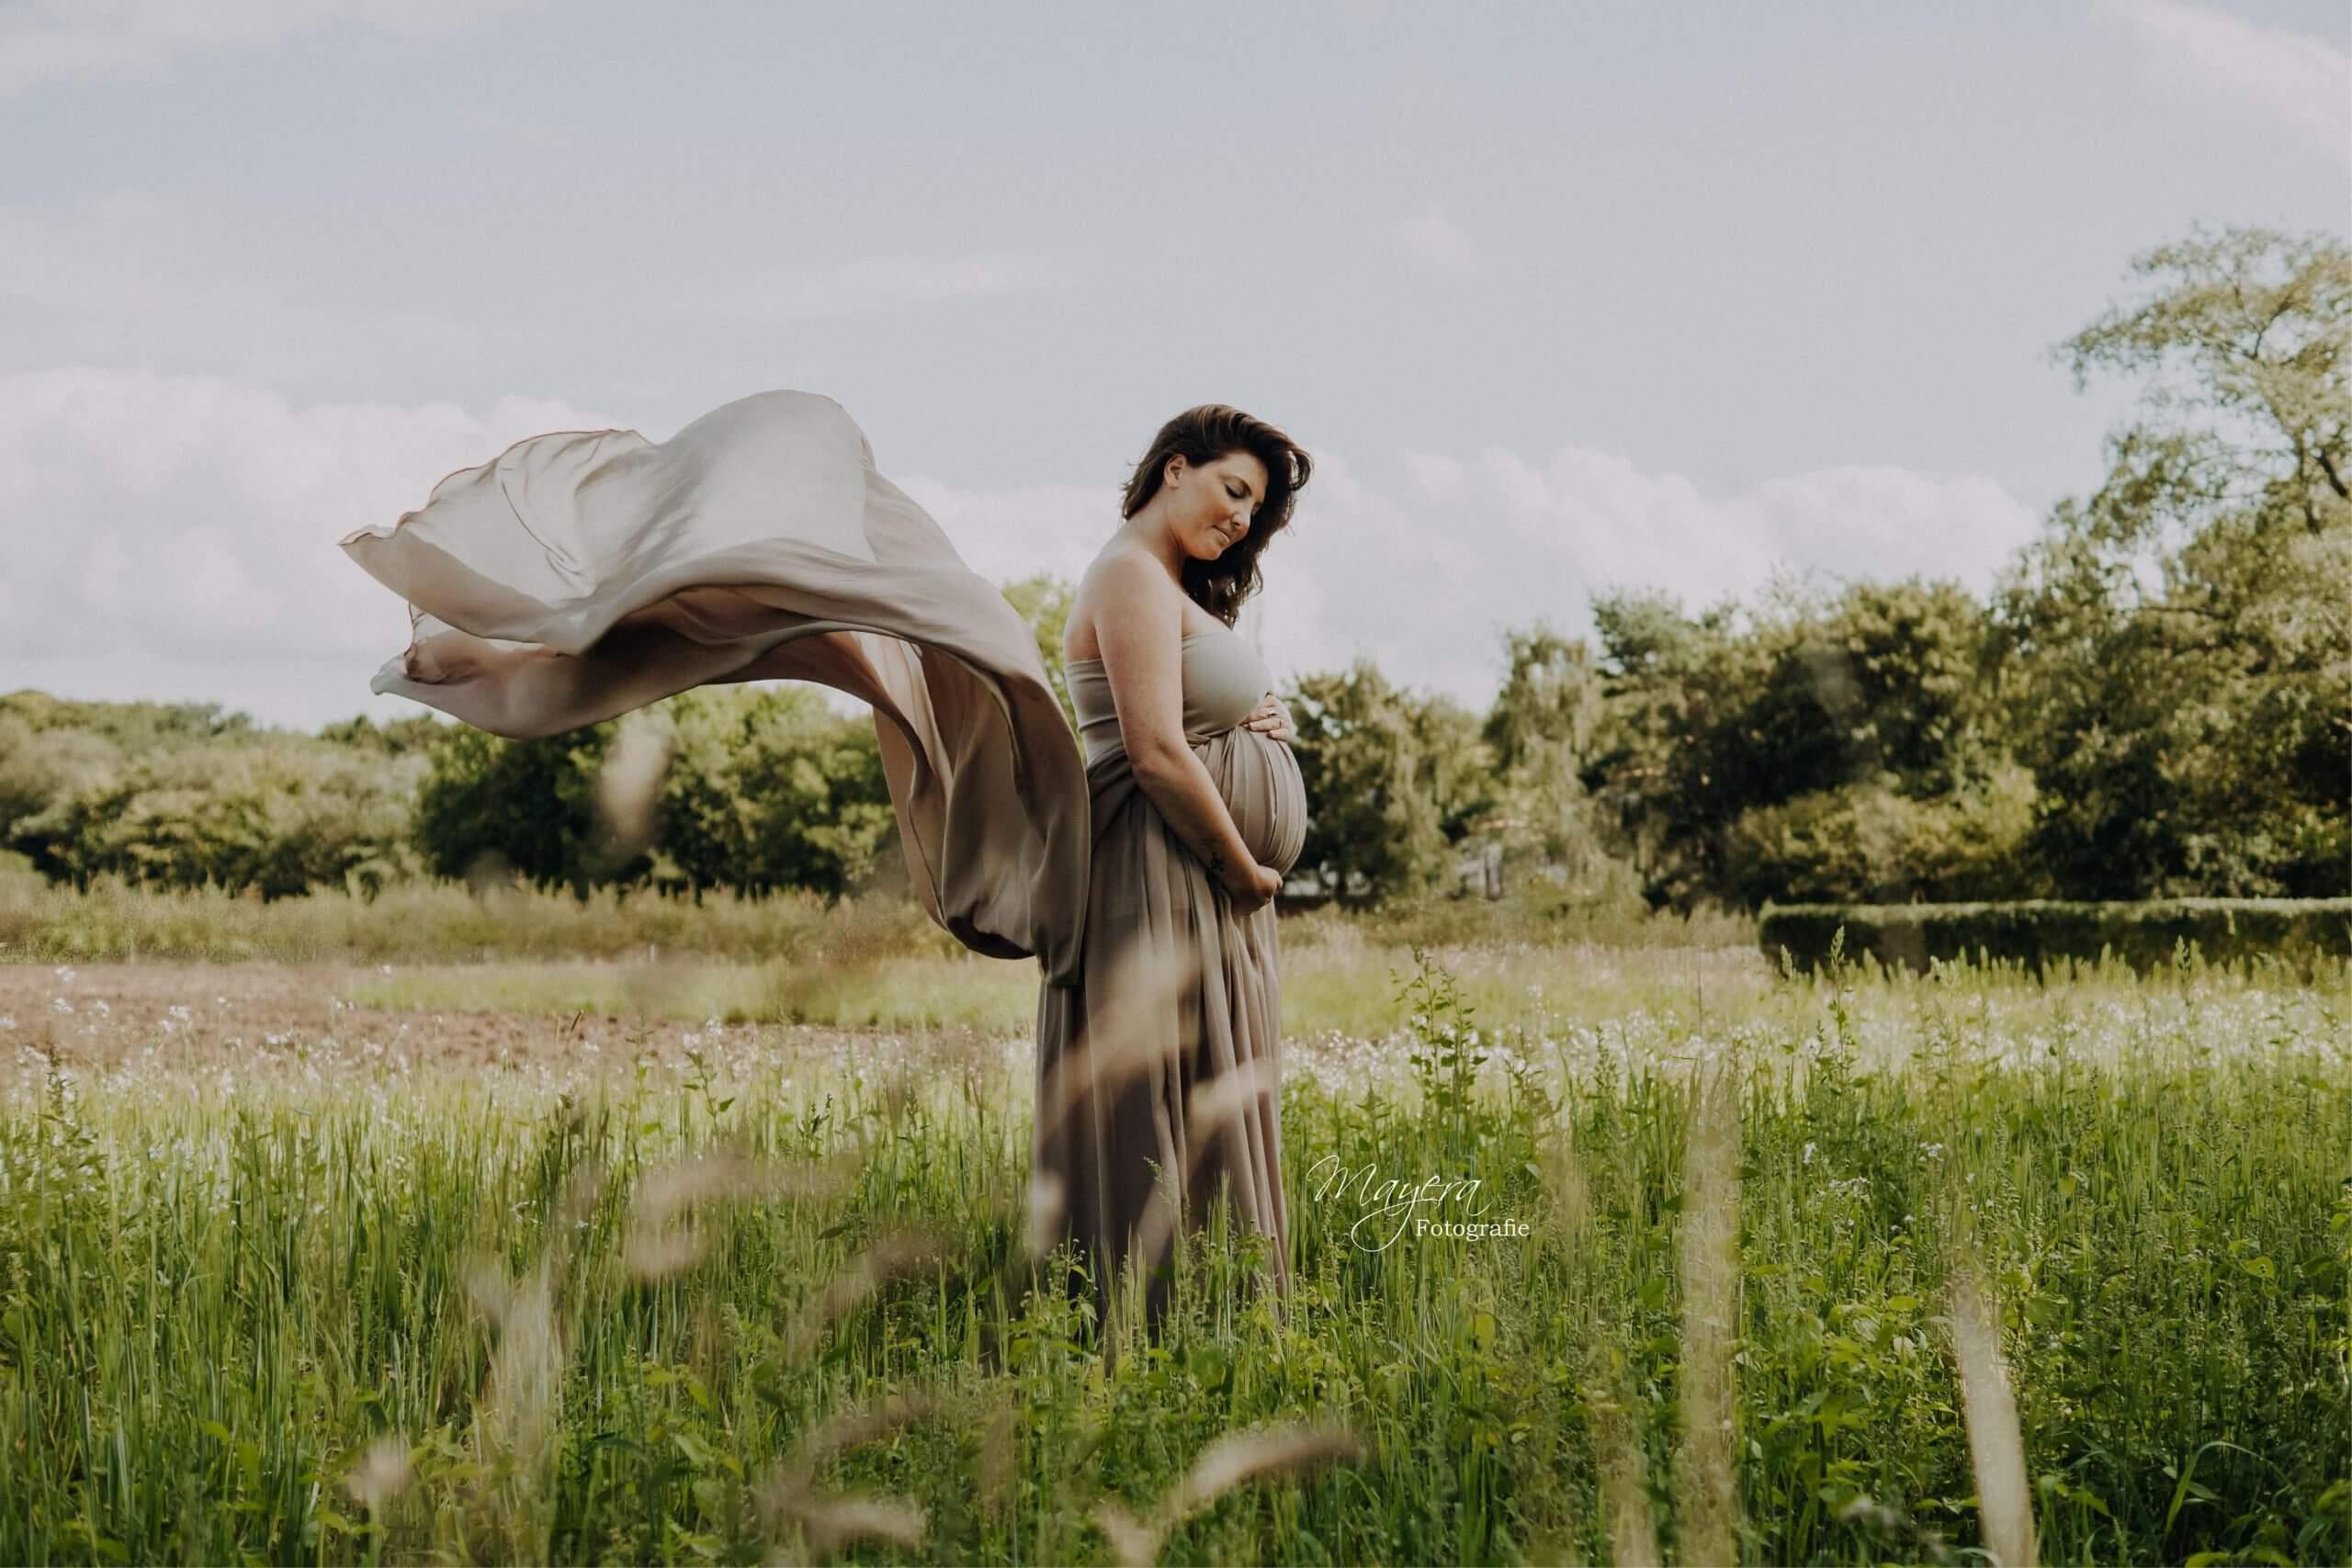 romantisch-vintage-fotoshoot-zwangerschap-3-scaled